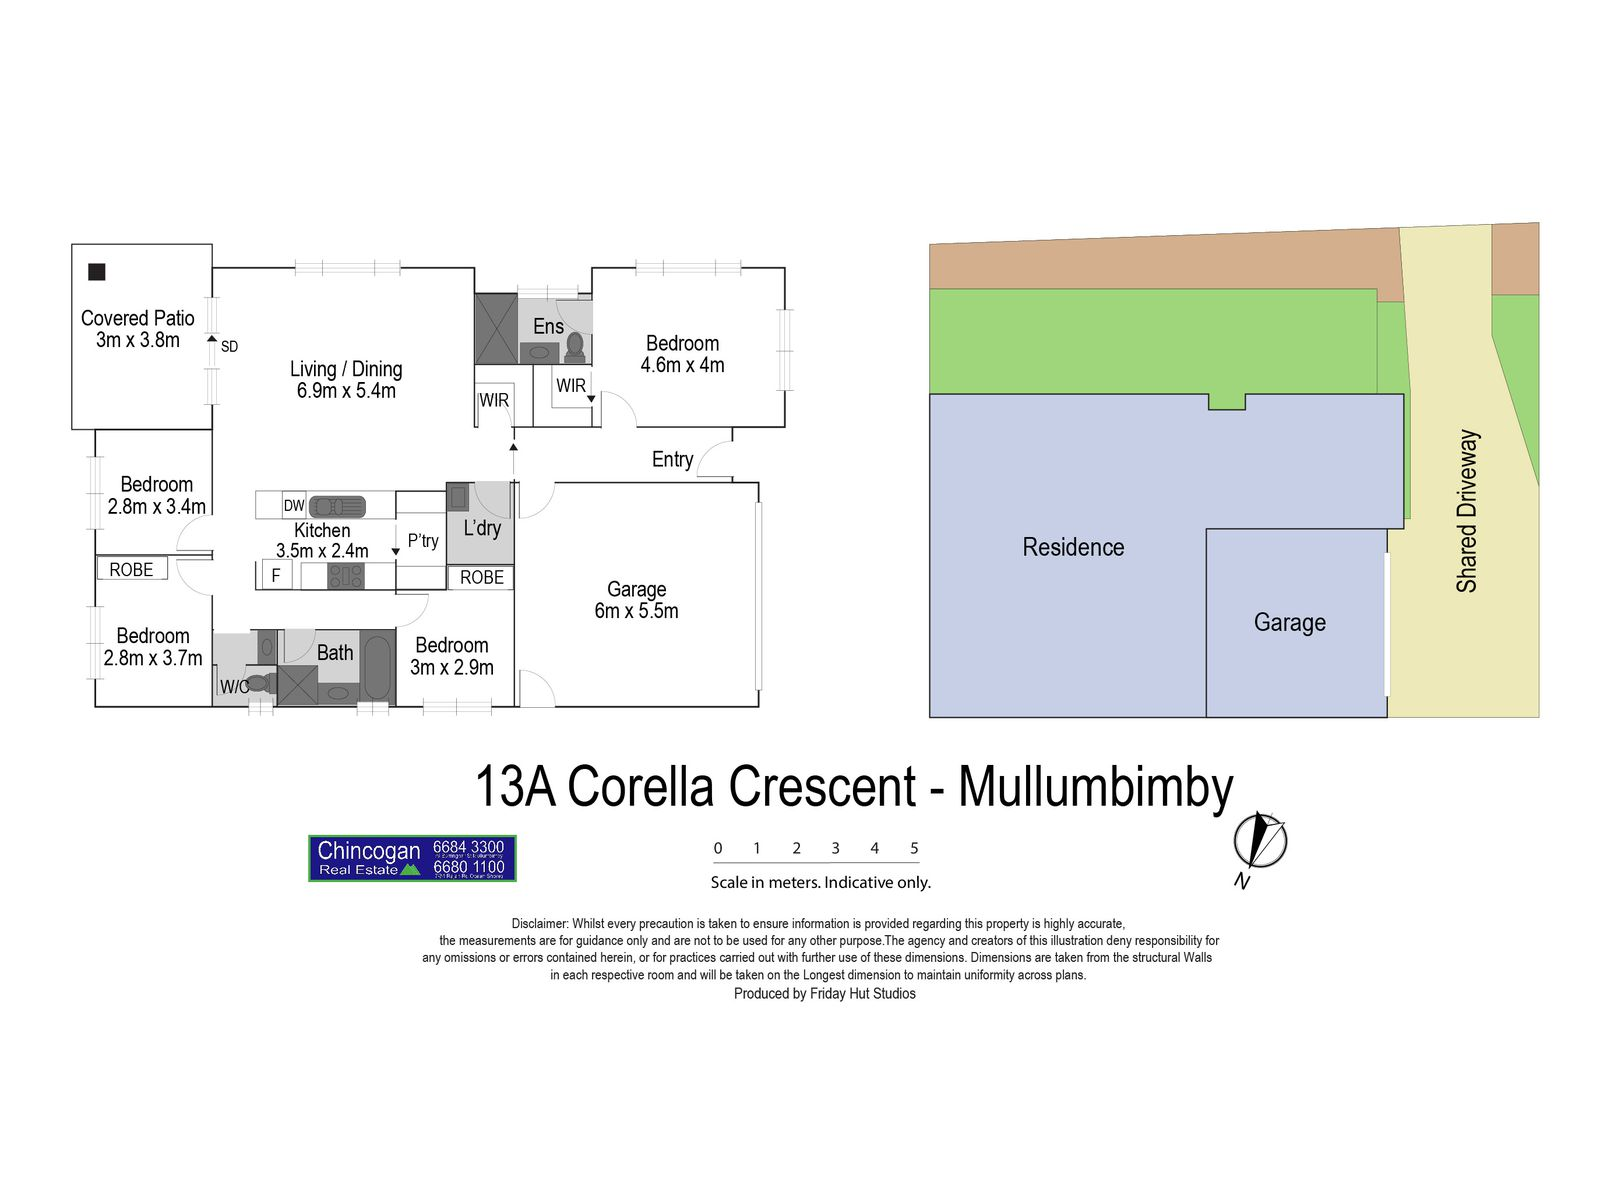 13 Corella Crescent, Mullumbimby